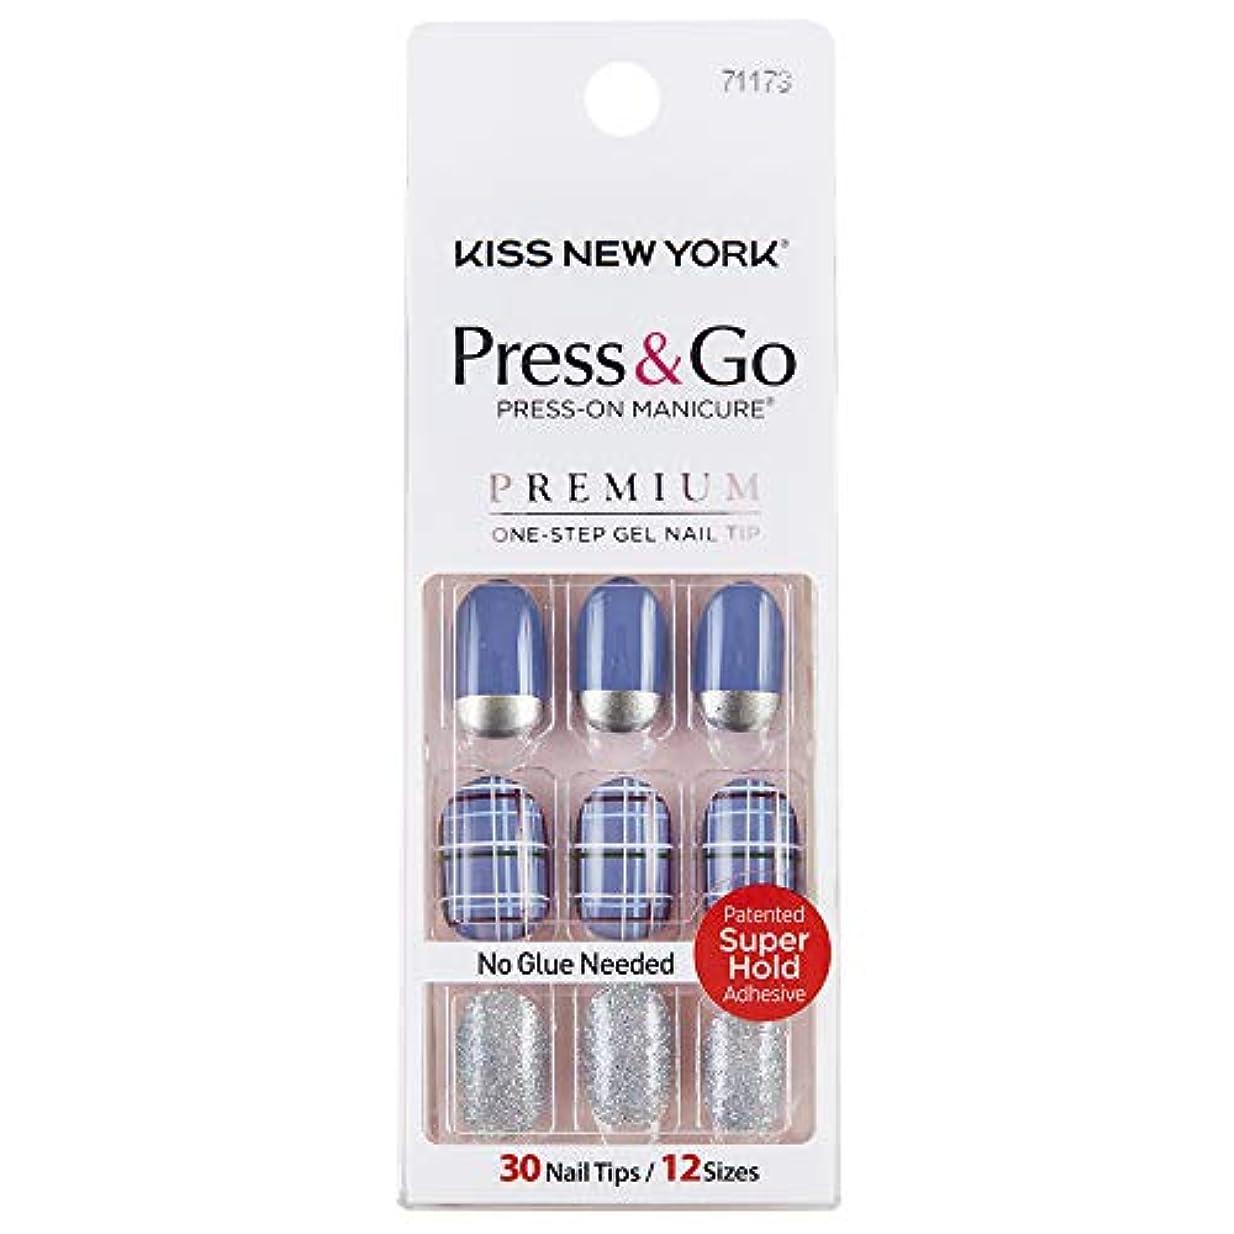 怪しい方向バスルームキスニューヨーク (KISS NEW YORK) KISS NEWYORK ネイルチップPress&Go BHJ22J 19g